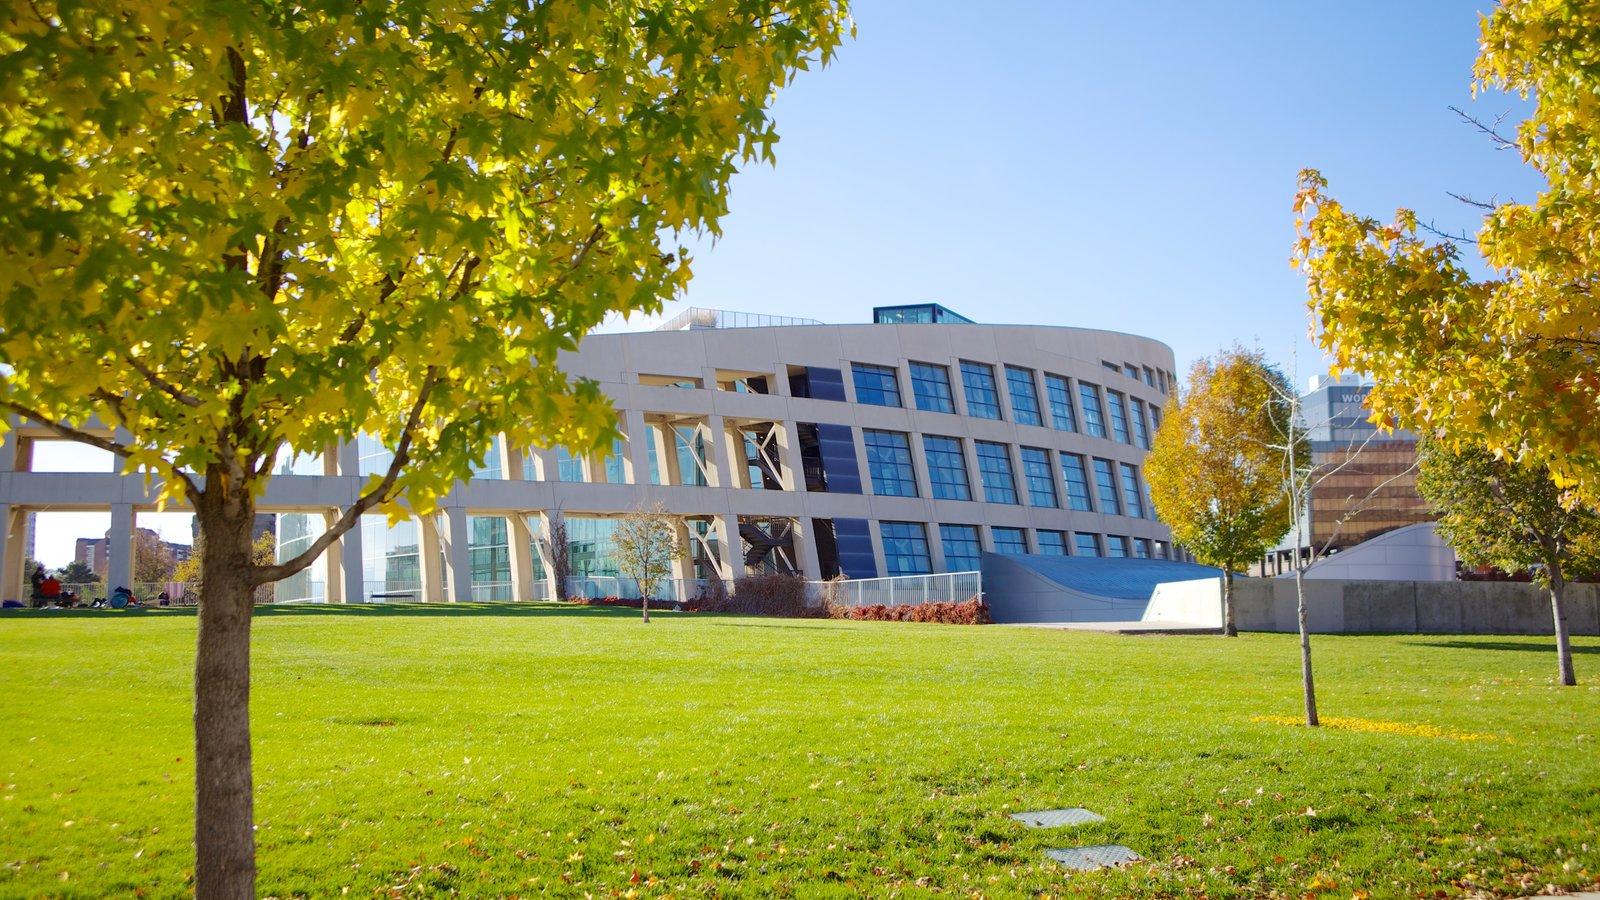 Edifício Principal da Biblioteca Pública de Salt Lake que inclui arquitetura moderna